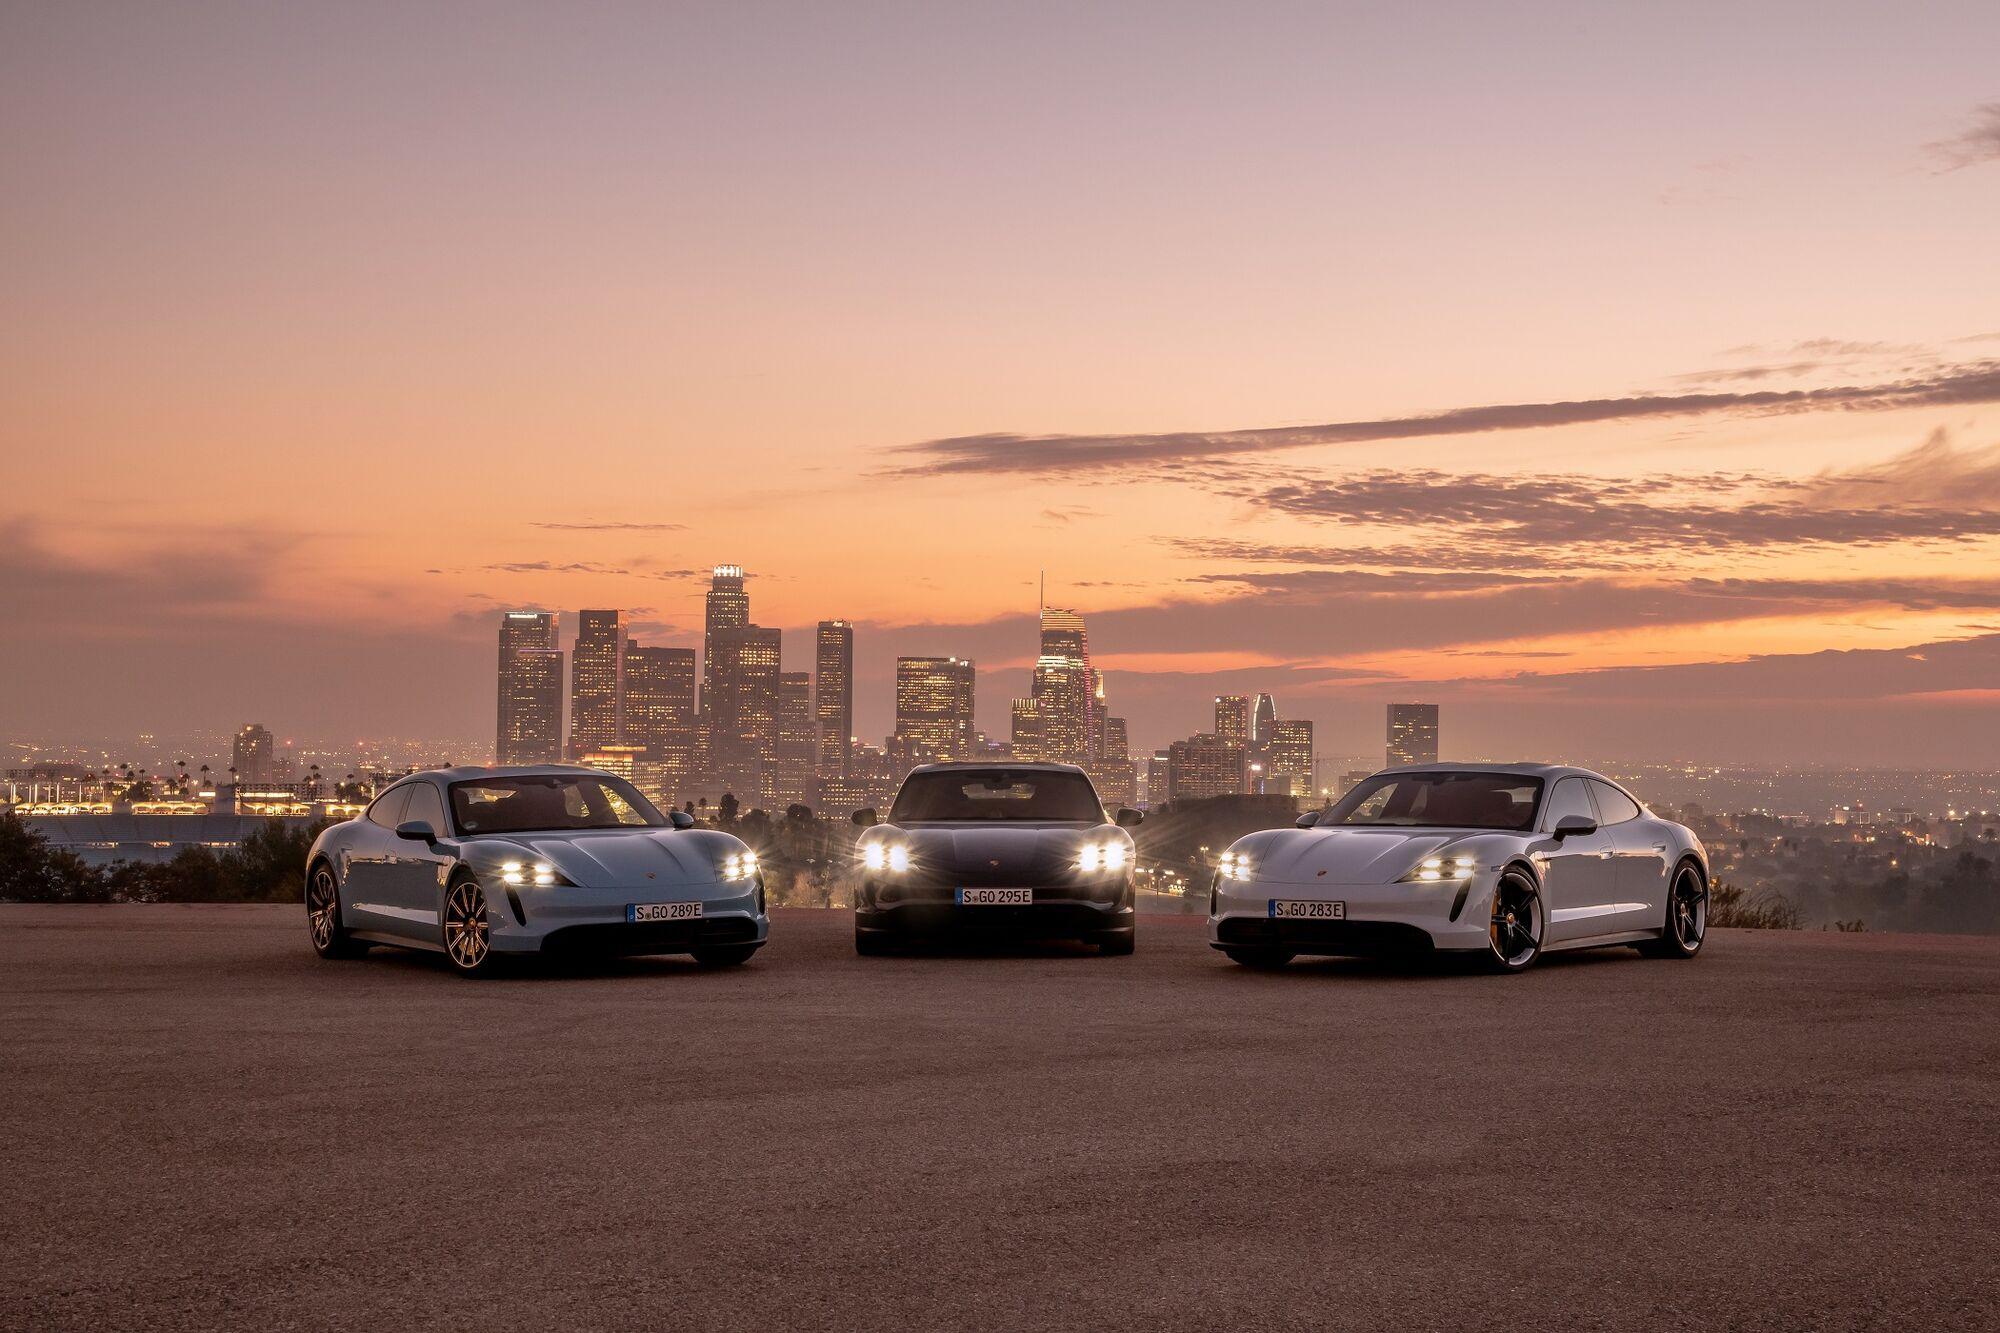 Семейство электрических суперкаров Porsche Taycan